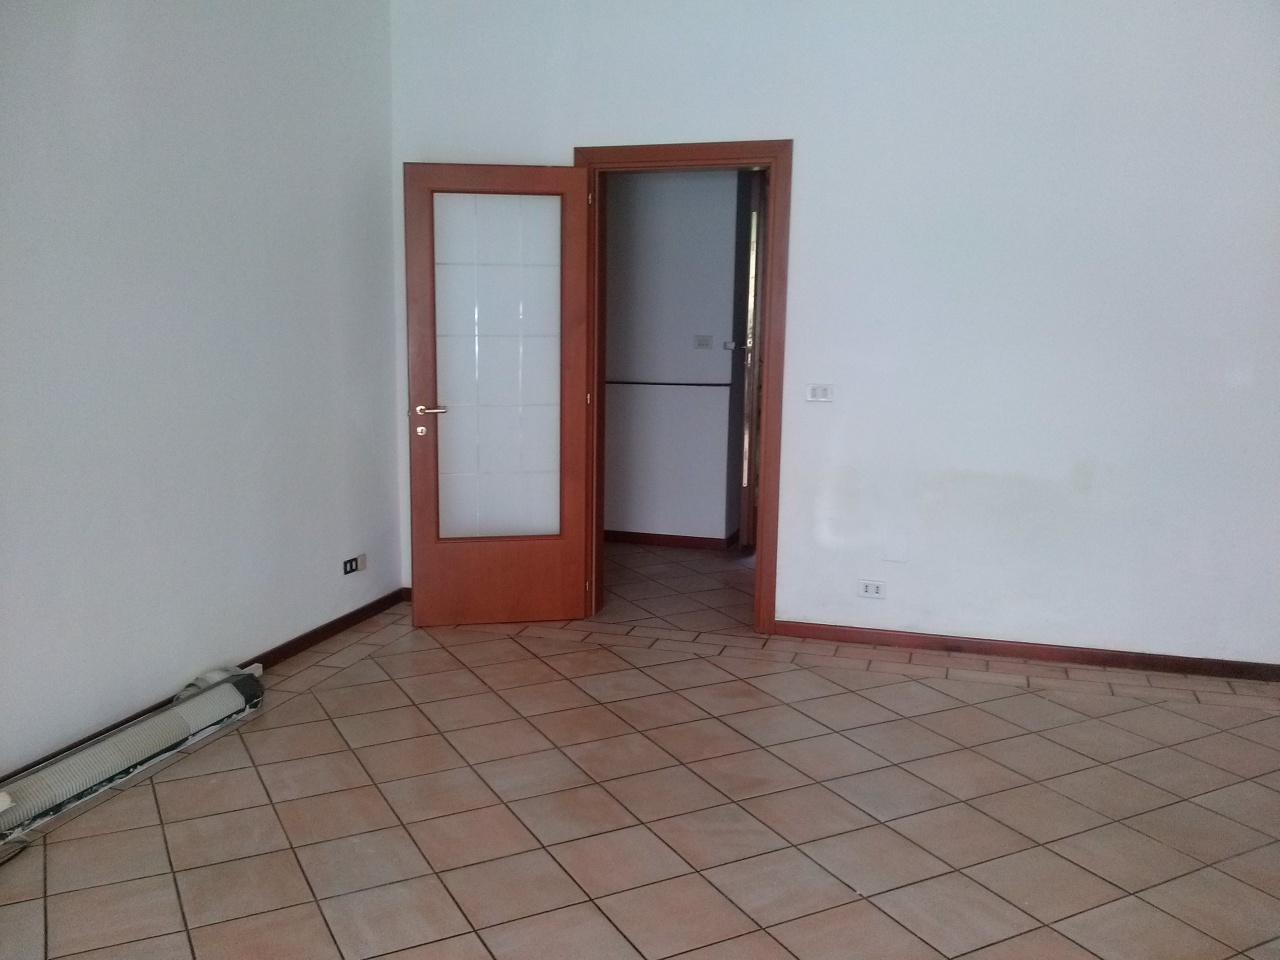 Attività / Licenza in affitto a Ascoli Piceno, 9999 locali, prezzo € 450 | CambioCasa.it